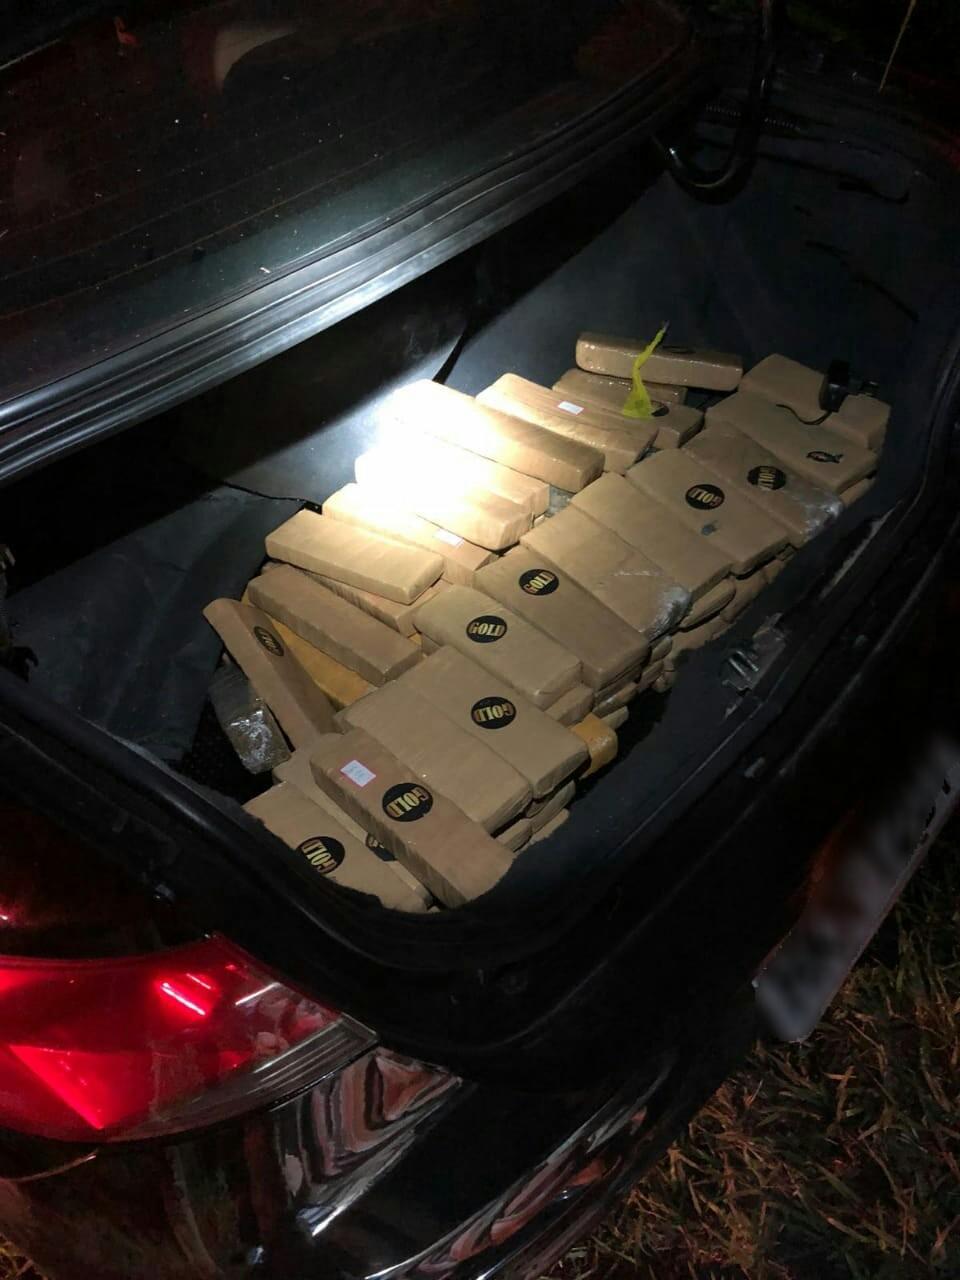 PRF apreende tabletes de maconha após perseguição e fuga de suspeitos na BR-040, em Areal, no RJ - Radio Evangelho Gospel